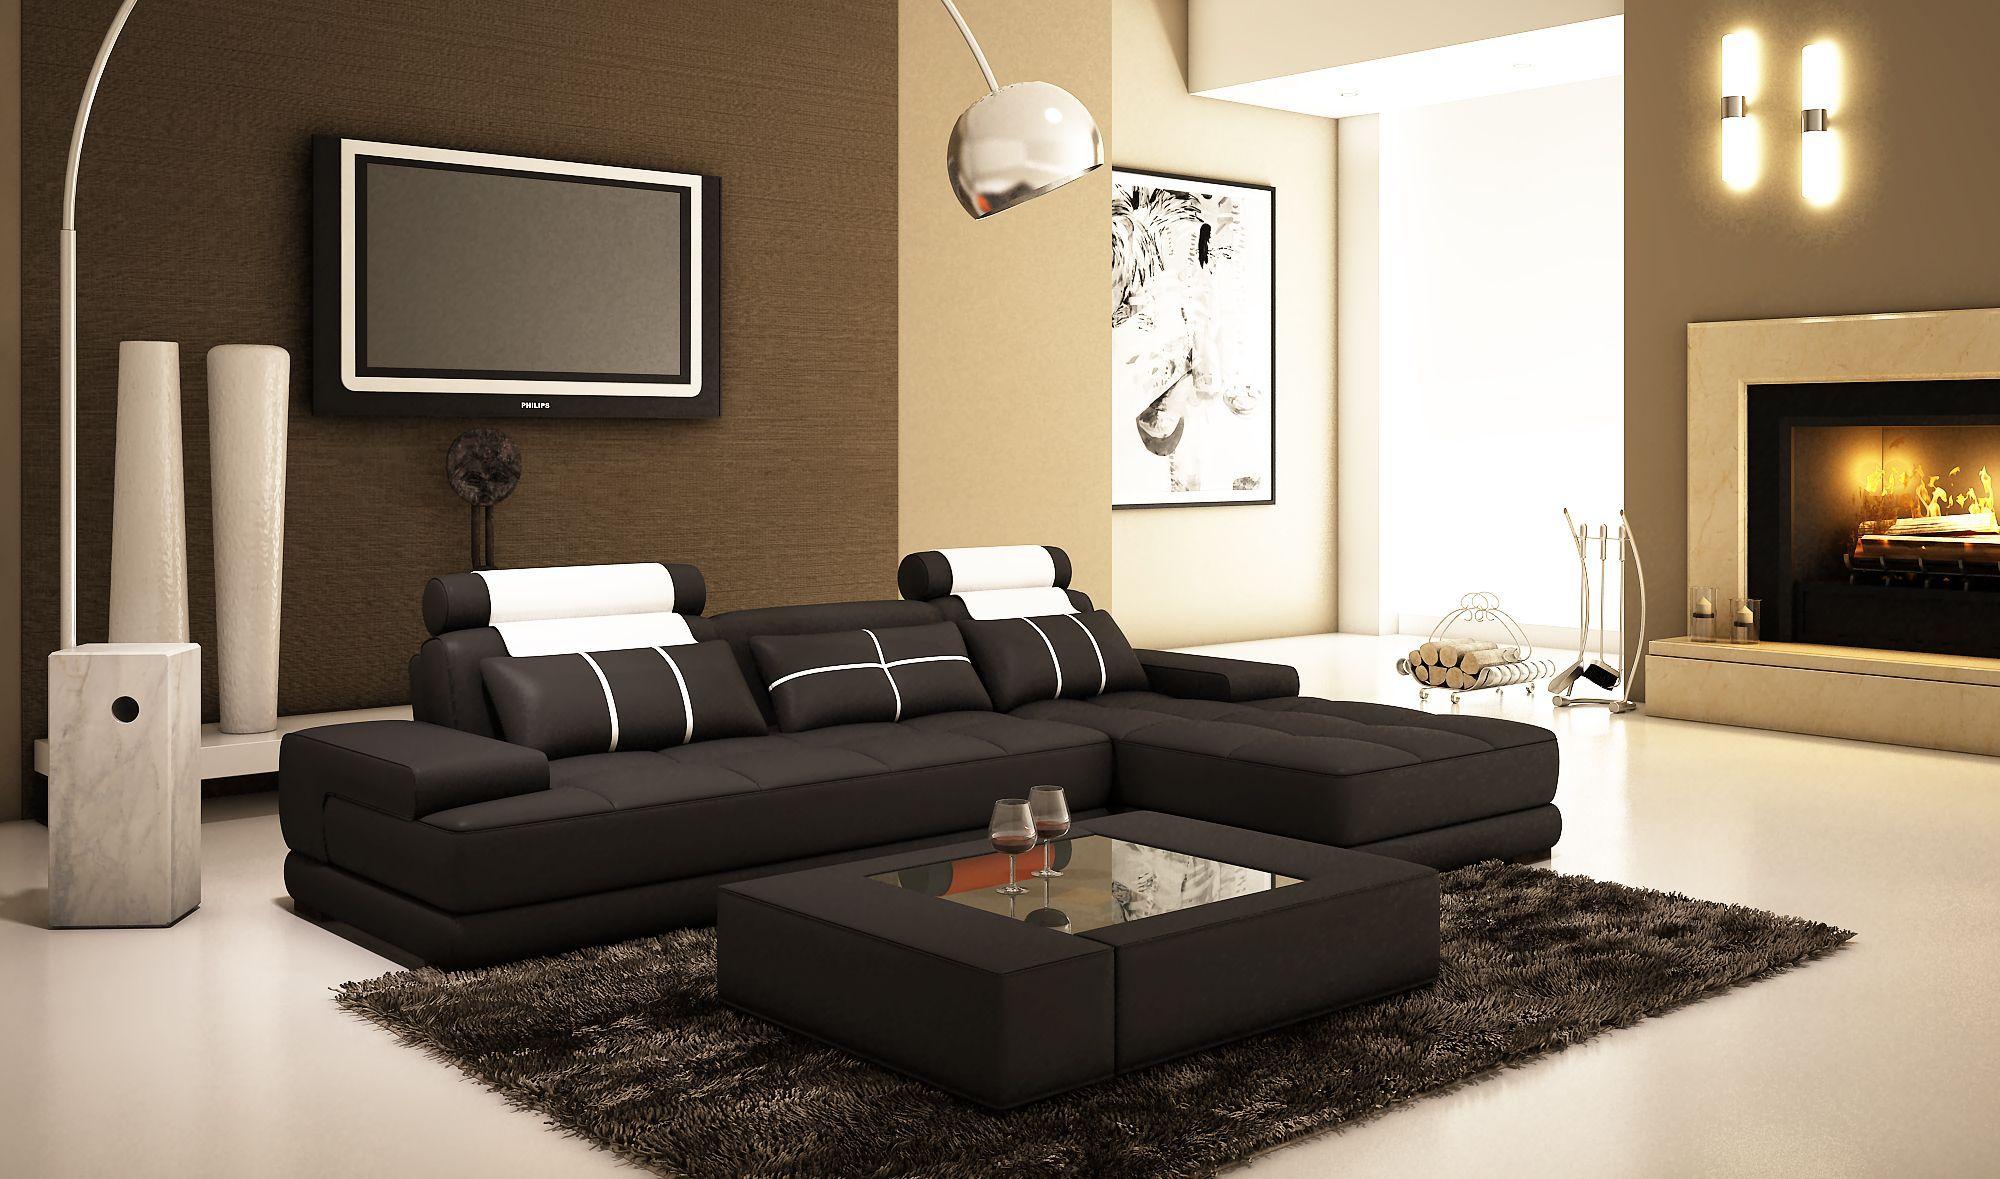 Le salon beige est une solution élégante lumineuse et agréable